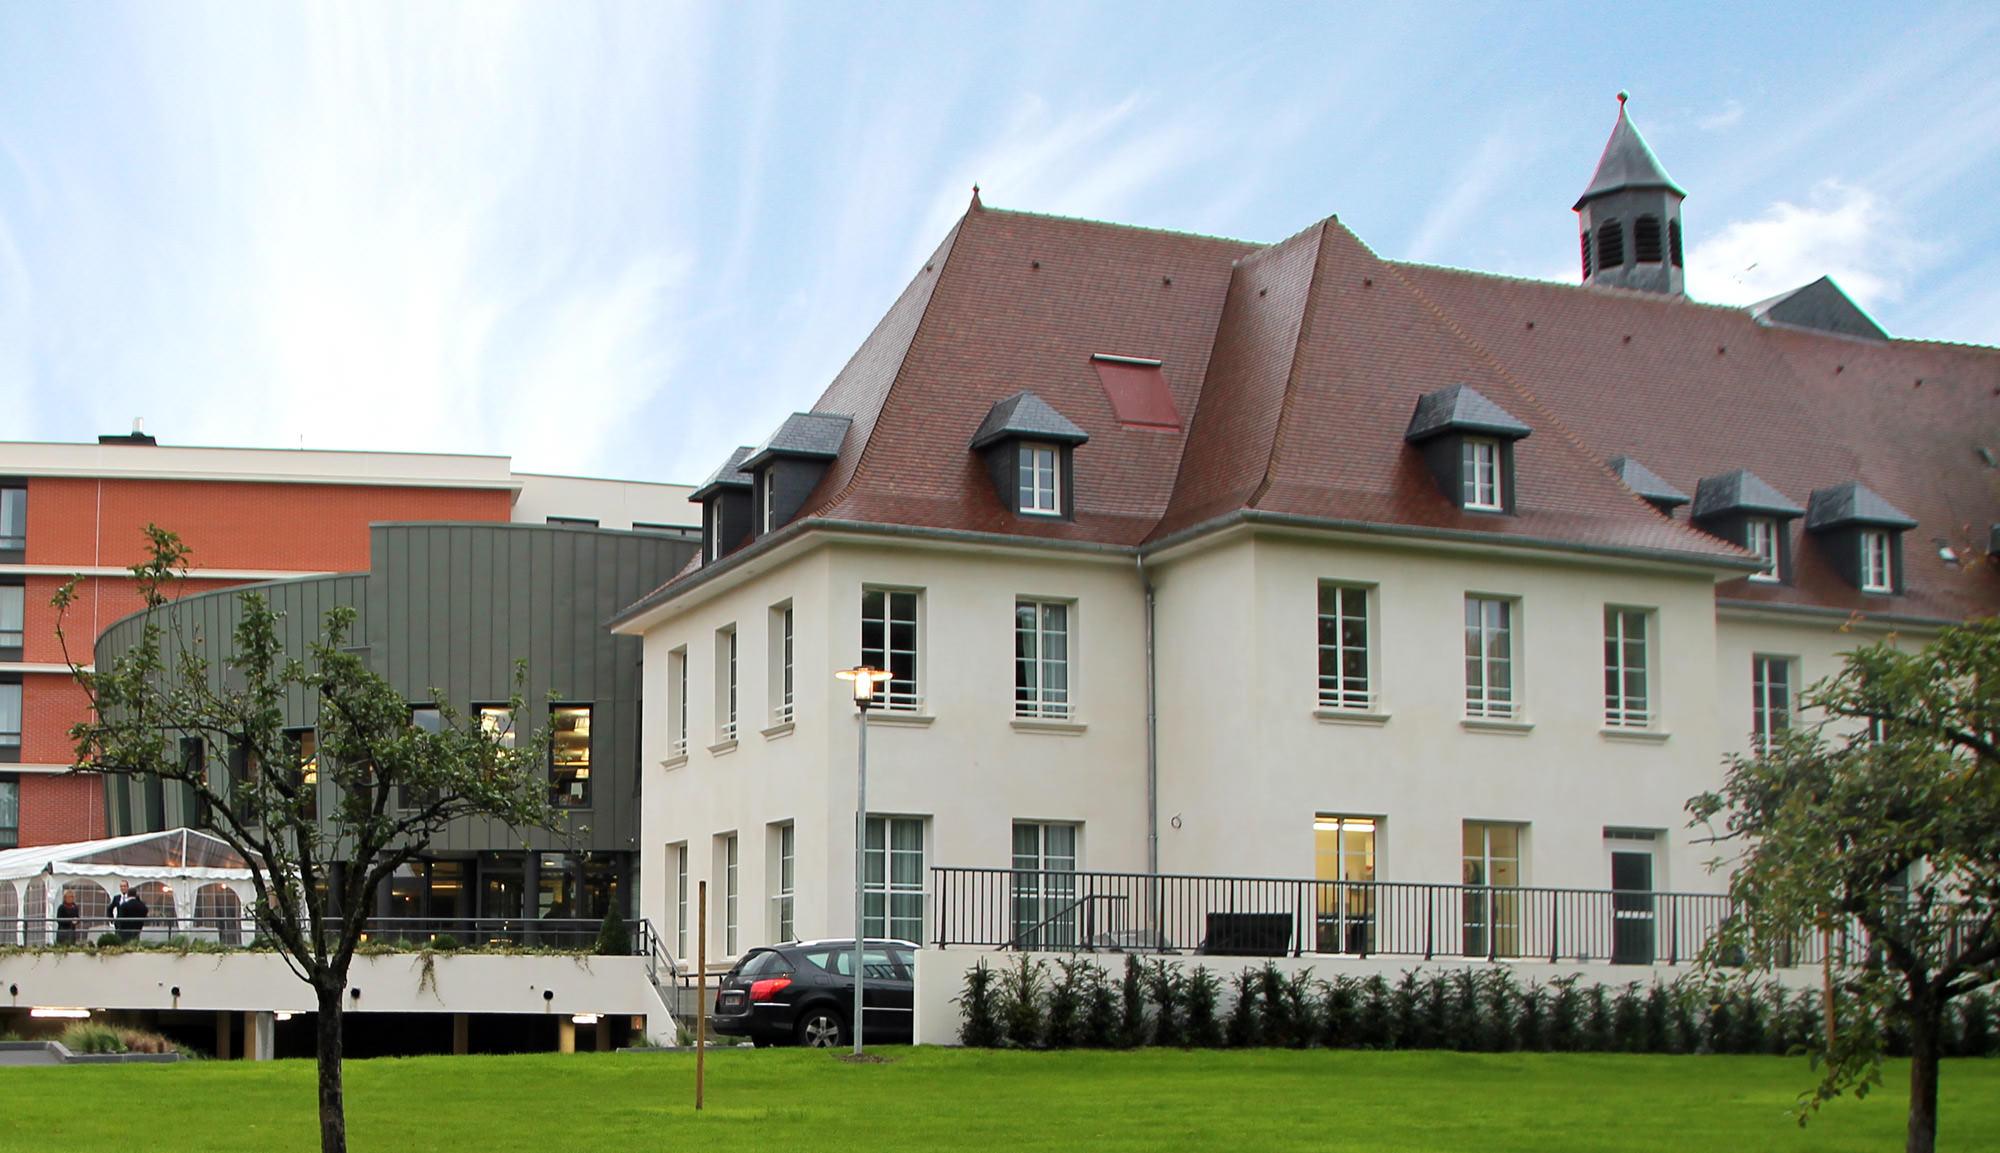 Maison de retraite villa la providence evreux 27 for Aides maison de retraite